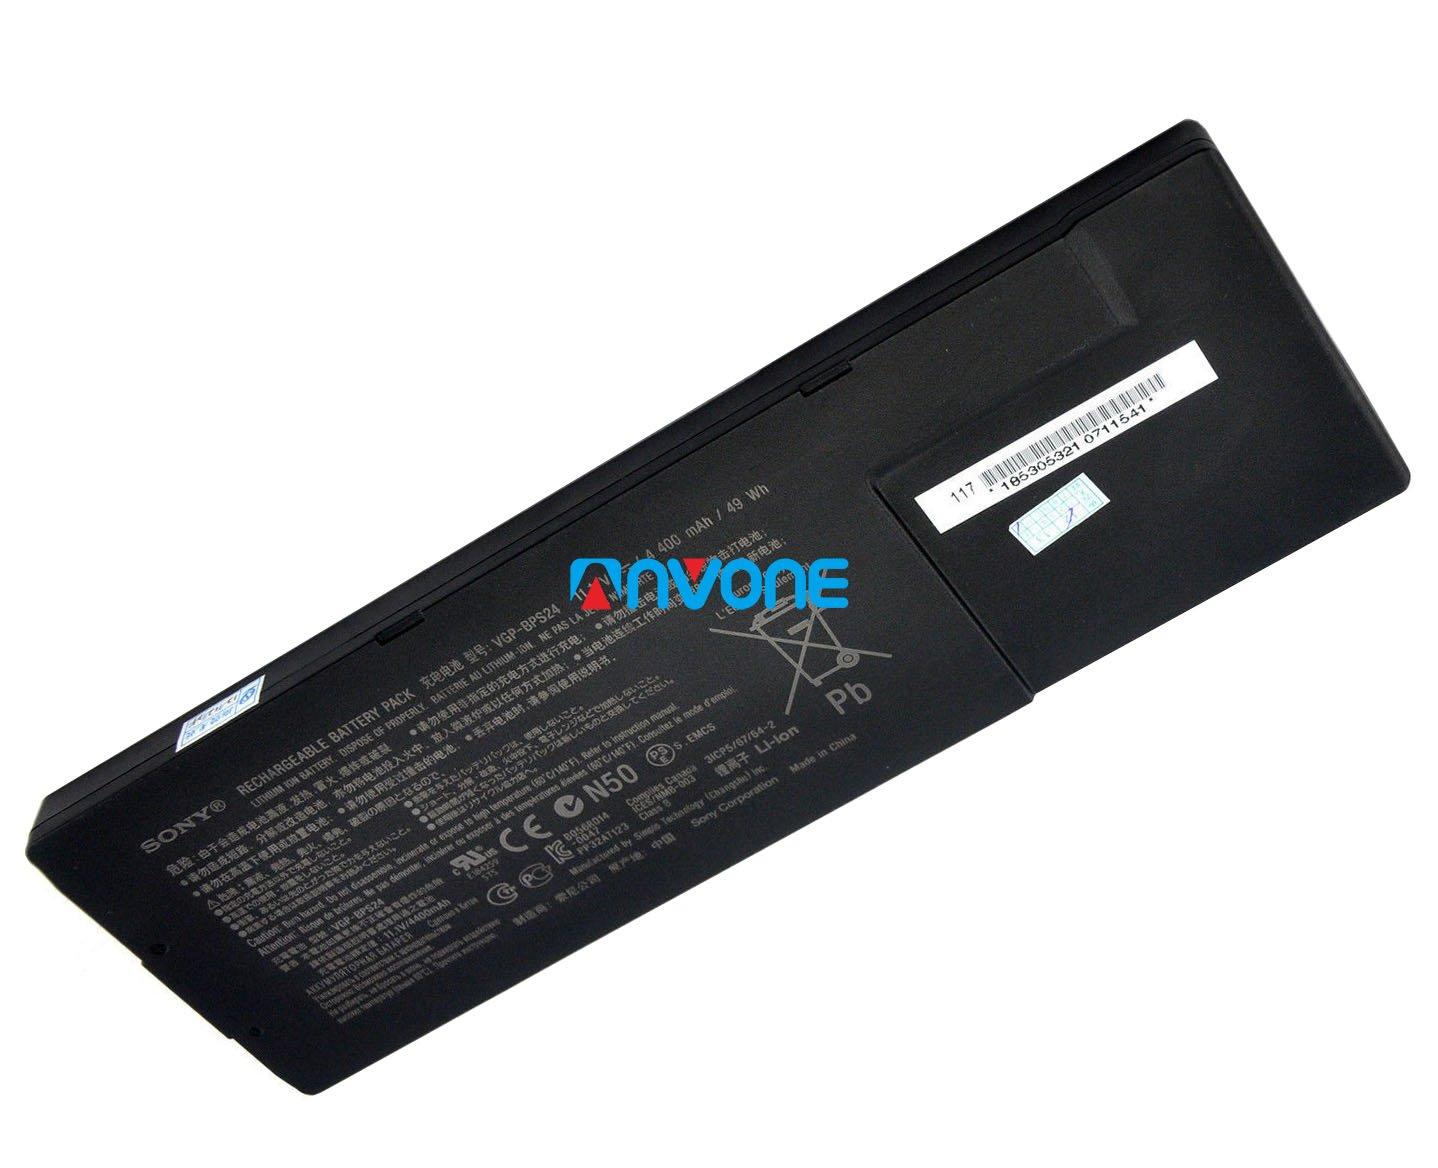 VGP-BPS24 Genuine Sony VAIO VPC-SB36FG VPC-SB36FG/R VPC-SB36FH/R VPC-SB36FN/B Battery